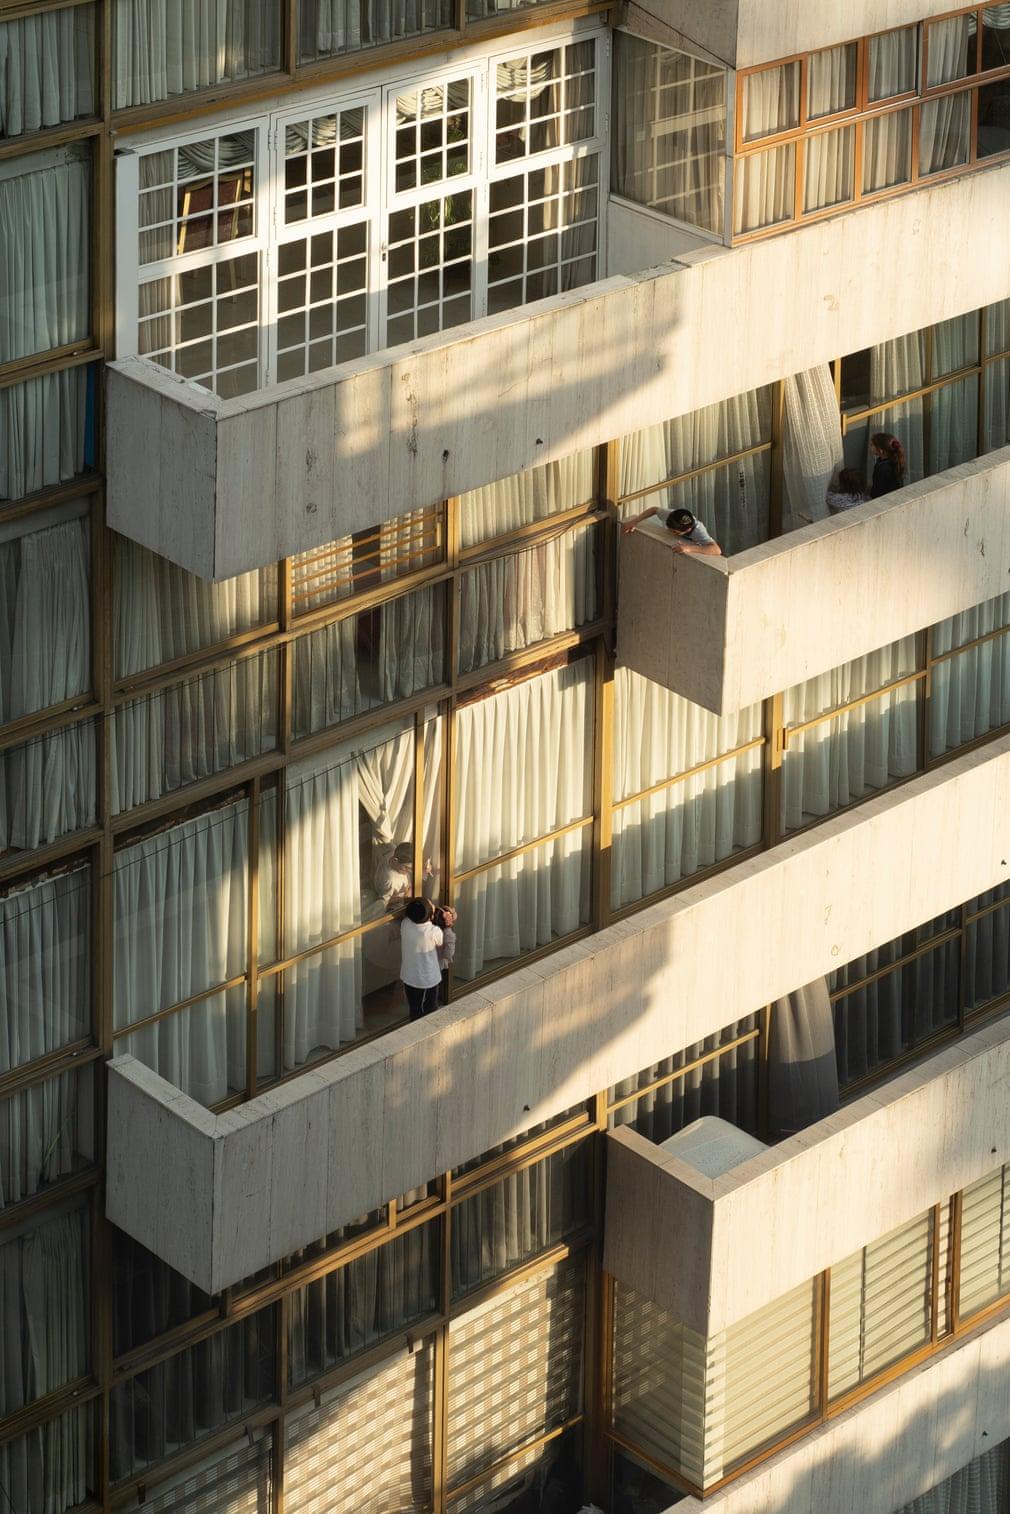 这张照片是2020年10月在墨西哥城一个拥有大型东正教犹太社区的社区Polanco拍摄的。在第一次疫情封锁期间,当教堂和寺庙关闭时,犹太社区每天使用阳台祈祷两次。即使一些最严格的封锁限制开始解除,随着城市空间可以再次被访问,阳台仍然被用作社交和娱乐的户外空间。